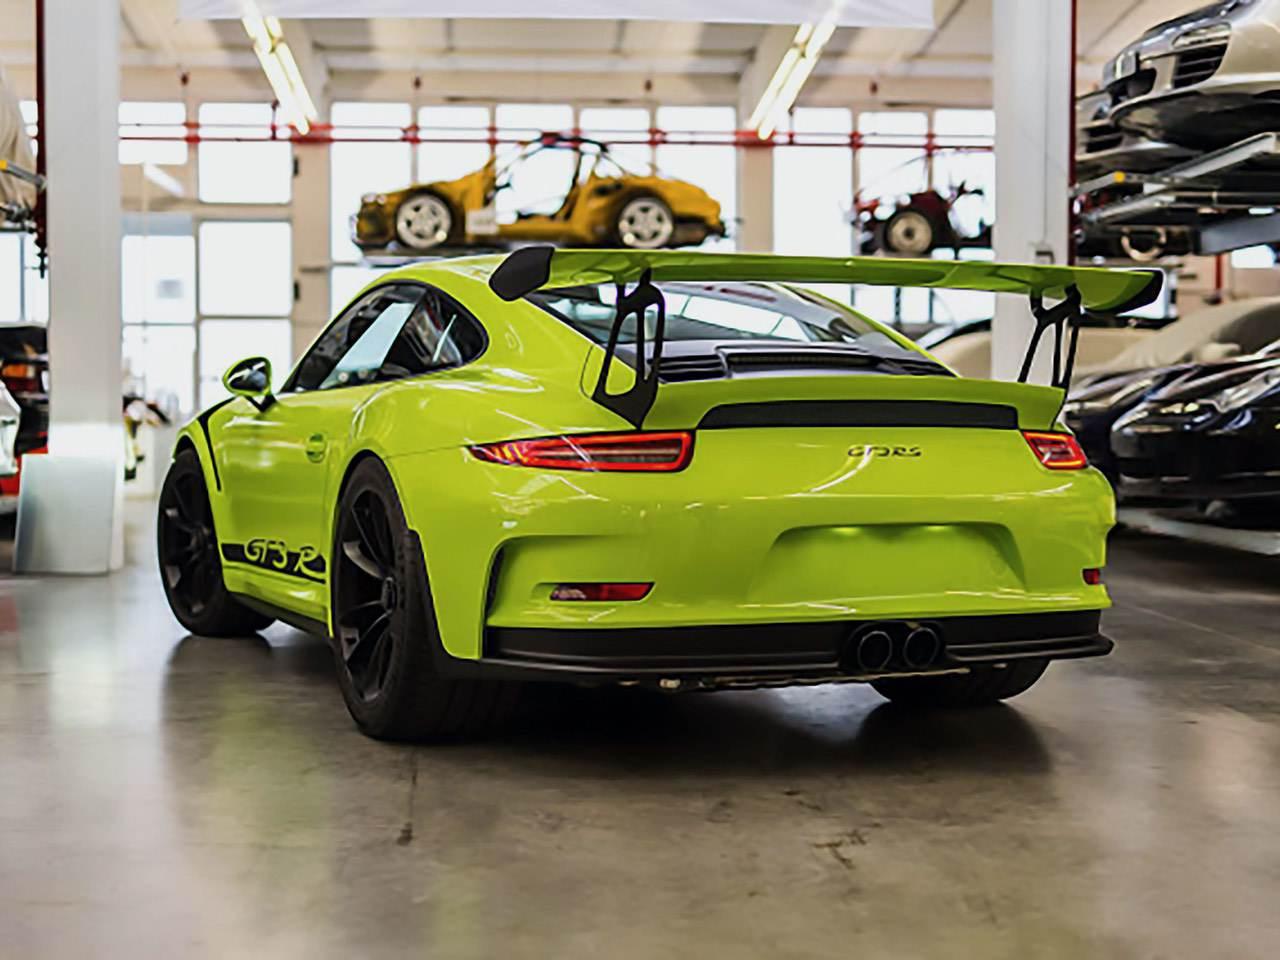 Porsche-911-991-GT3-RS-6